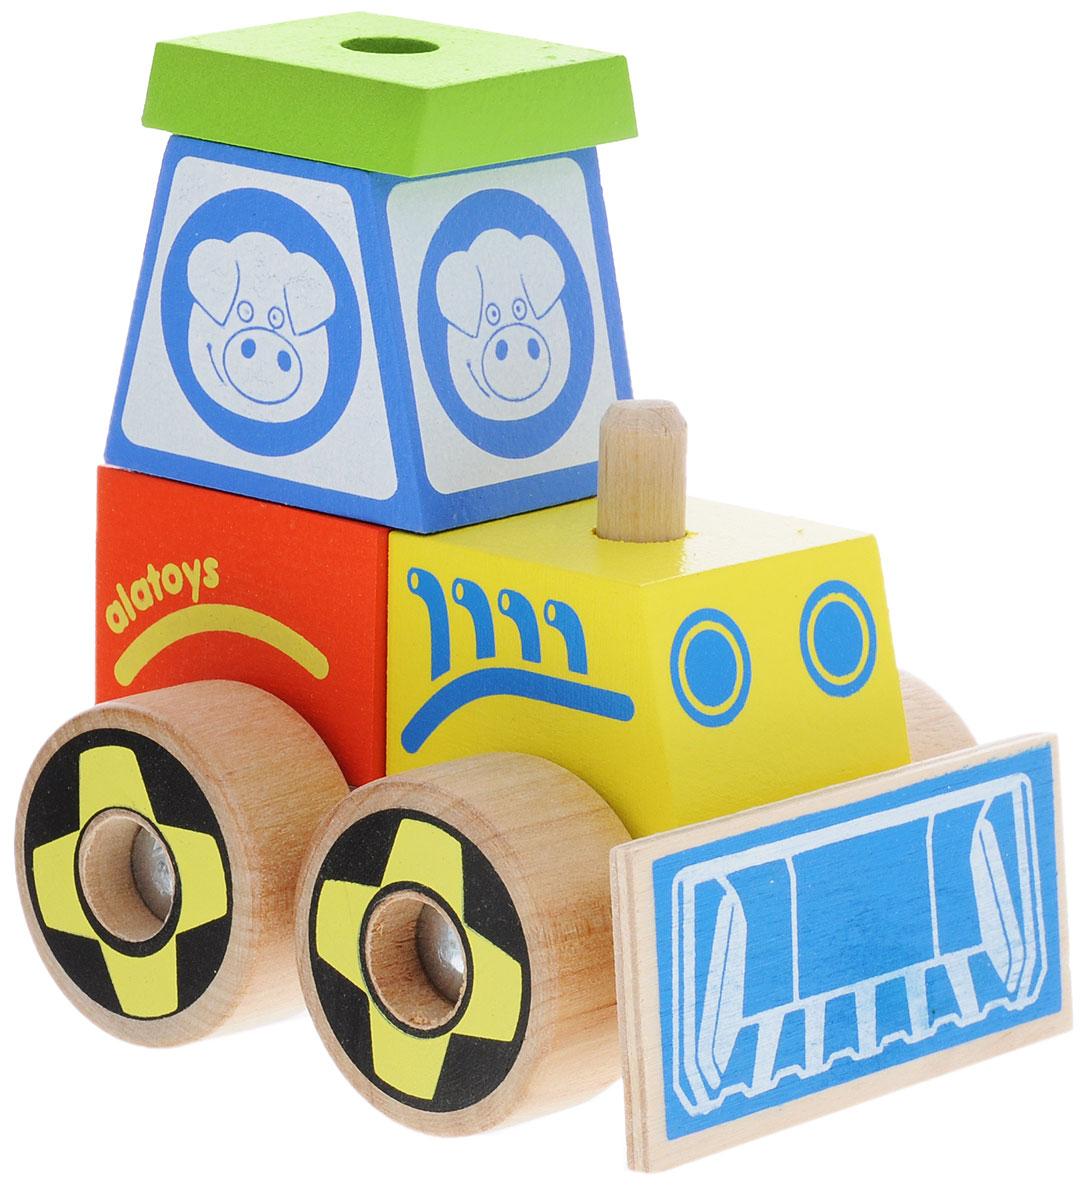 Alatoys Конструктор-каталка Трактор малыйКТР02Конструктор-каталка Alatoys Трактор приятно порадует юных исследователей мира! Уникальный дизайн и яркие цвета не оставят равнодушными как мальчиков, так и девочек. Игрушка развивает мелкую моторику рук, навыки конструирования, пространственное мышление, аналитические и творческие способности, сенсорное и визуальное восприятие. При изготовлении были использованы экологически чистые краски и безопасная древесина. Деревянная игрушка долговечна и безопасна, она не может поранить или испортиться. Конструктор-каталка Alatoys Трактор - это та игрушка, которая никогда не устареет!